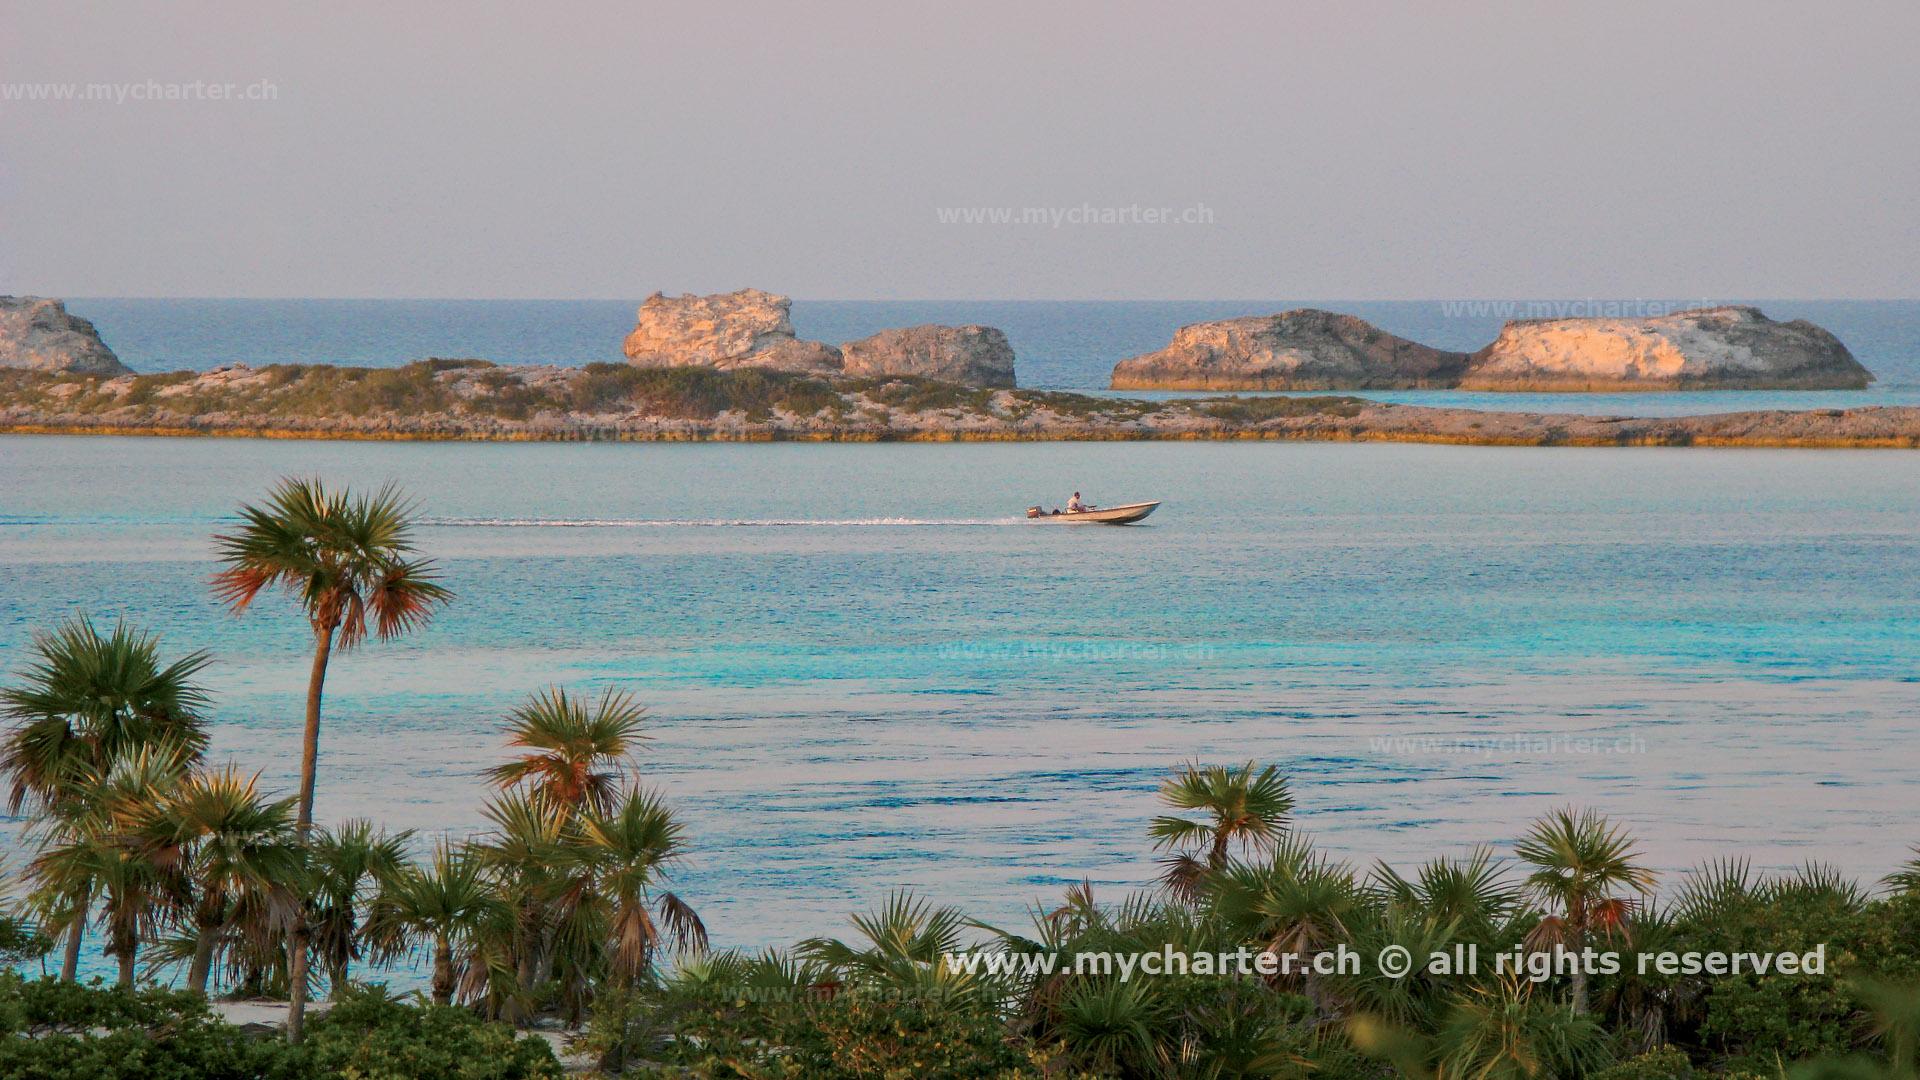 Bahamas - Staniel Cays - Exumas